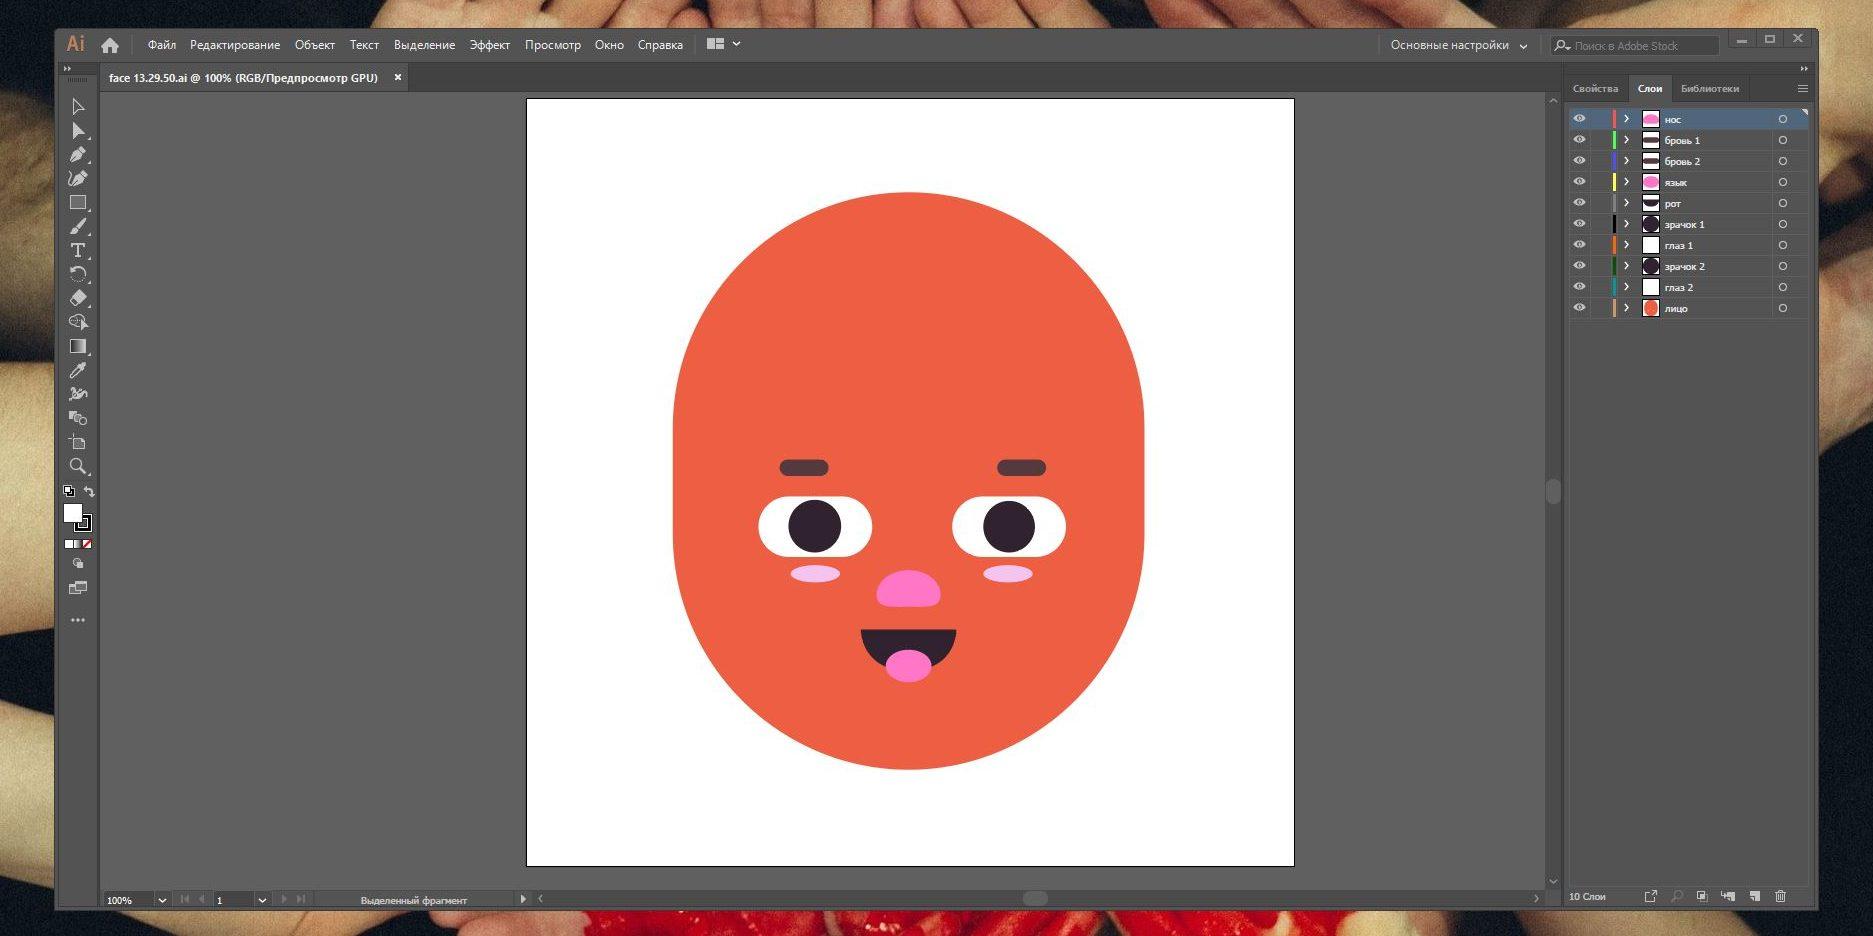 Как сделать анимированный стикер в Telegram: для примера мы нарисуем рожицу.